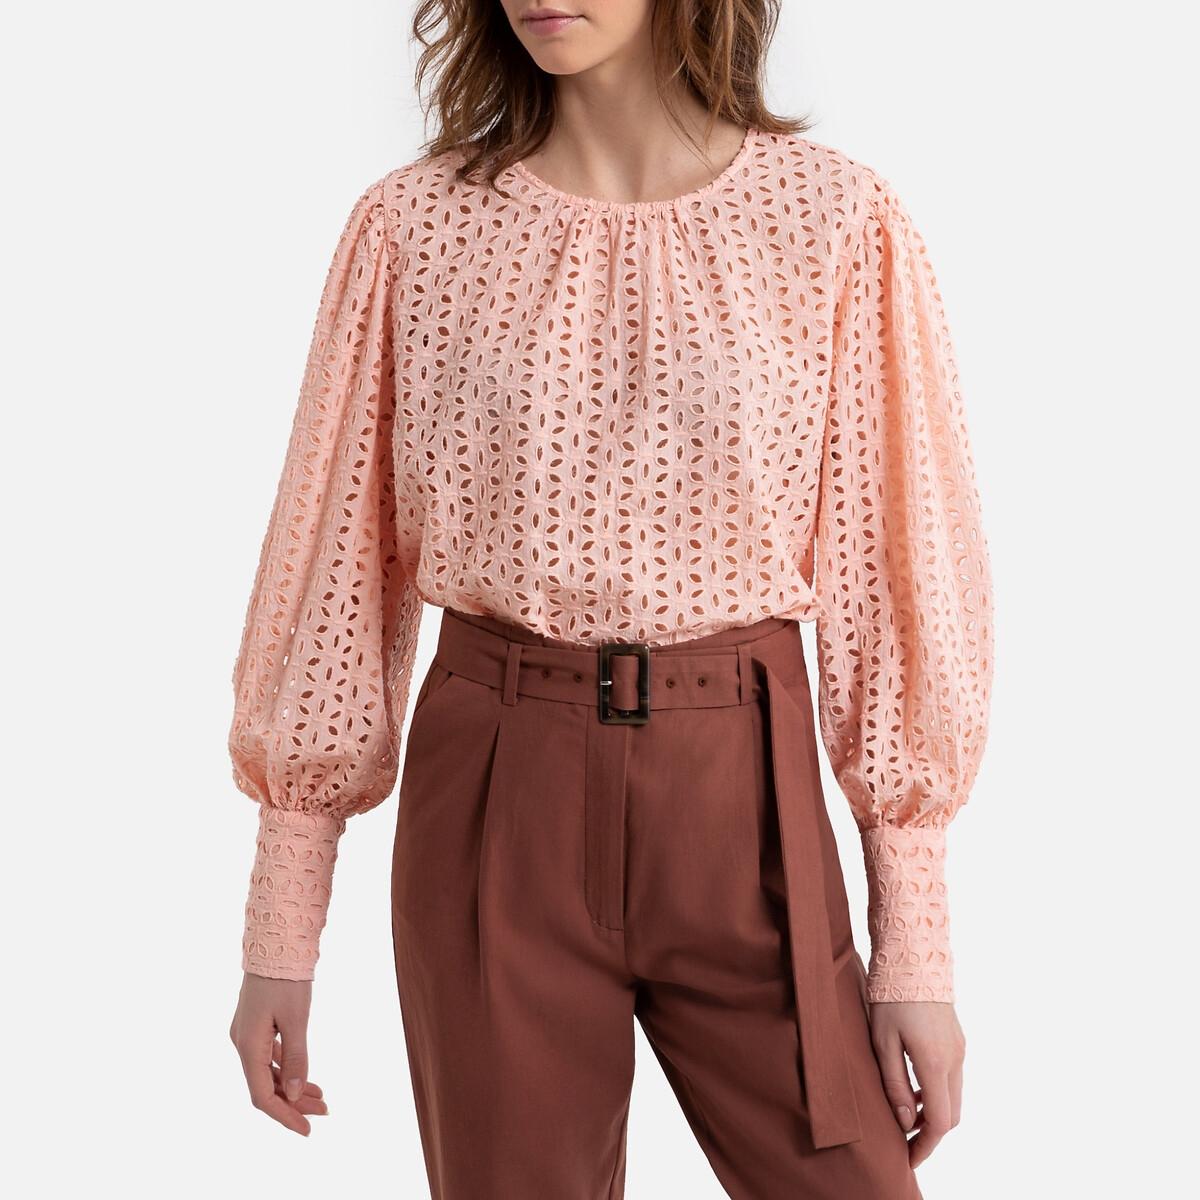 Blusa de mangas compridas, em bordado inglês